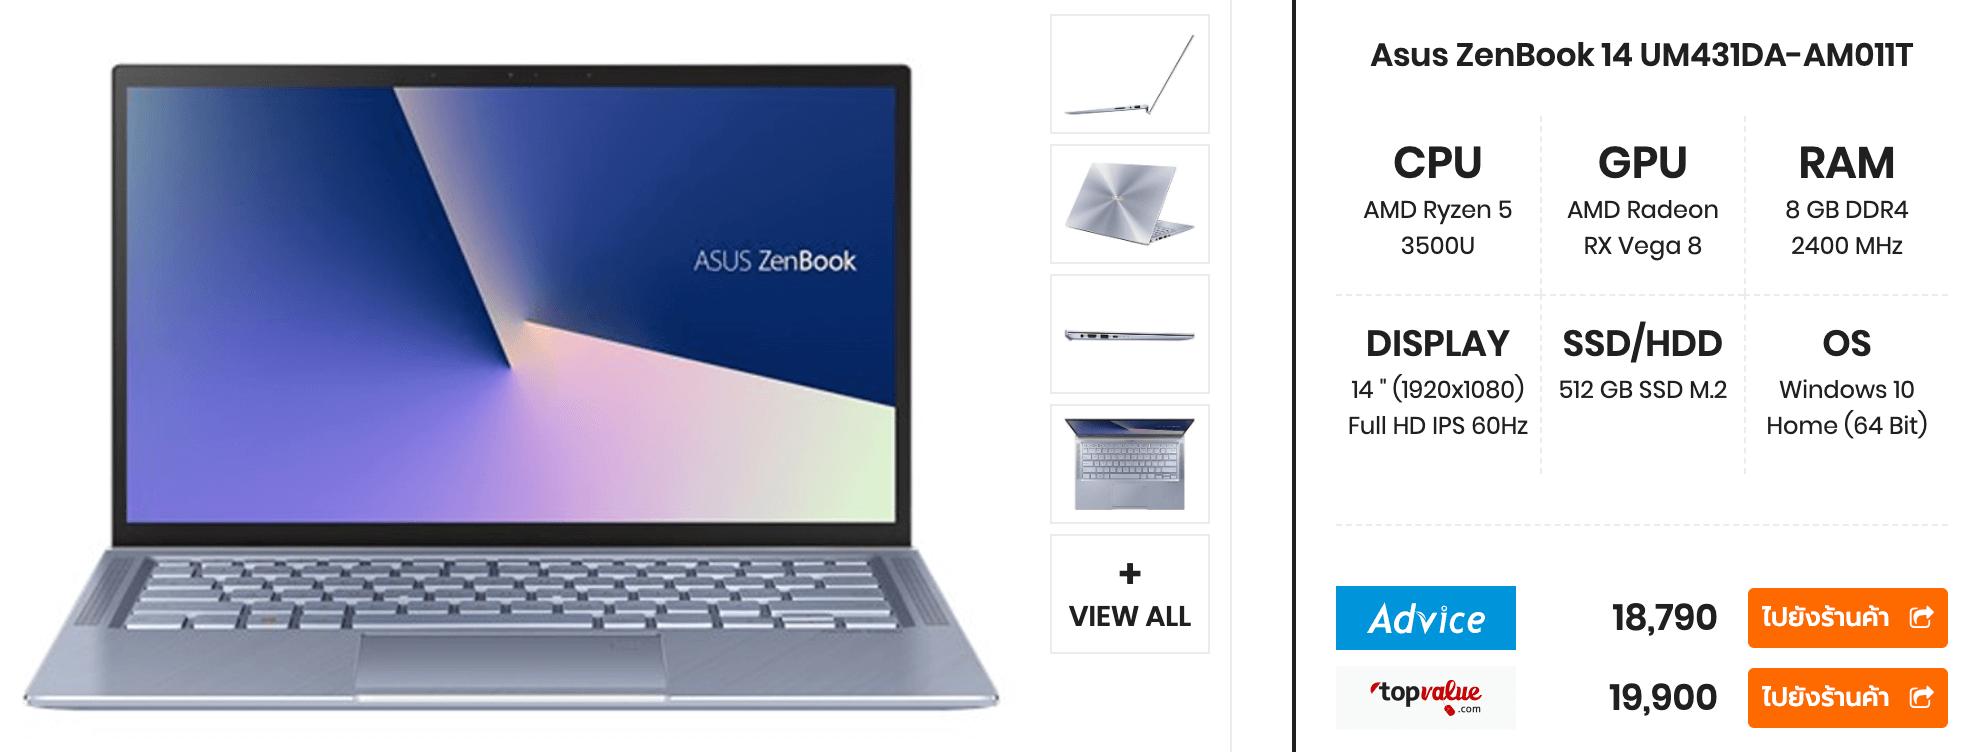 Asus ZenBook 14 UM431DA AM011T